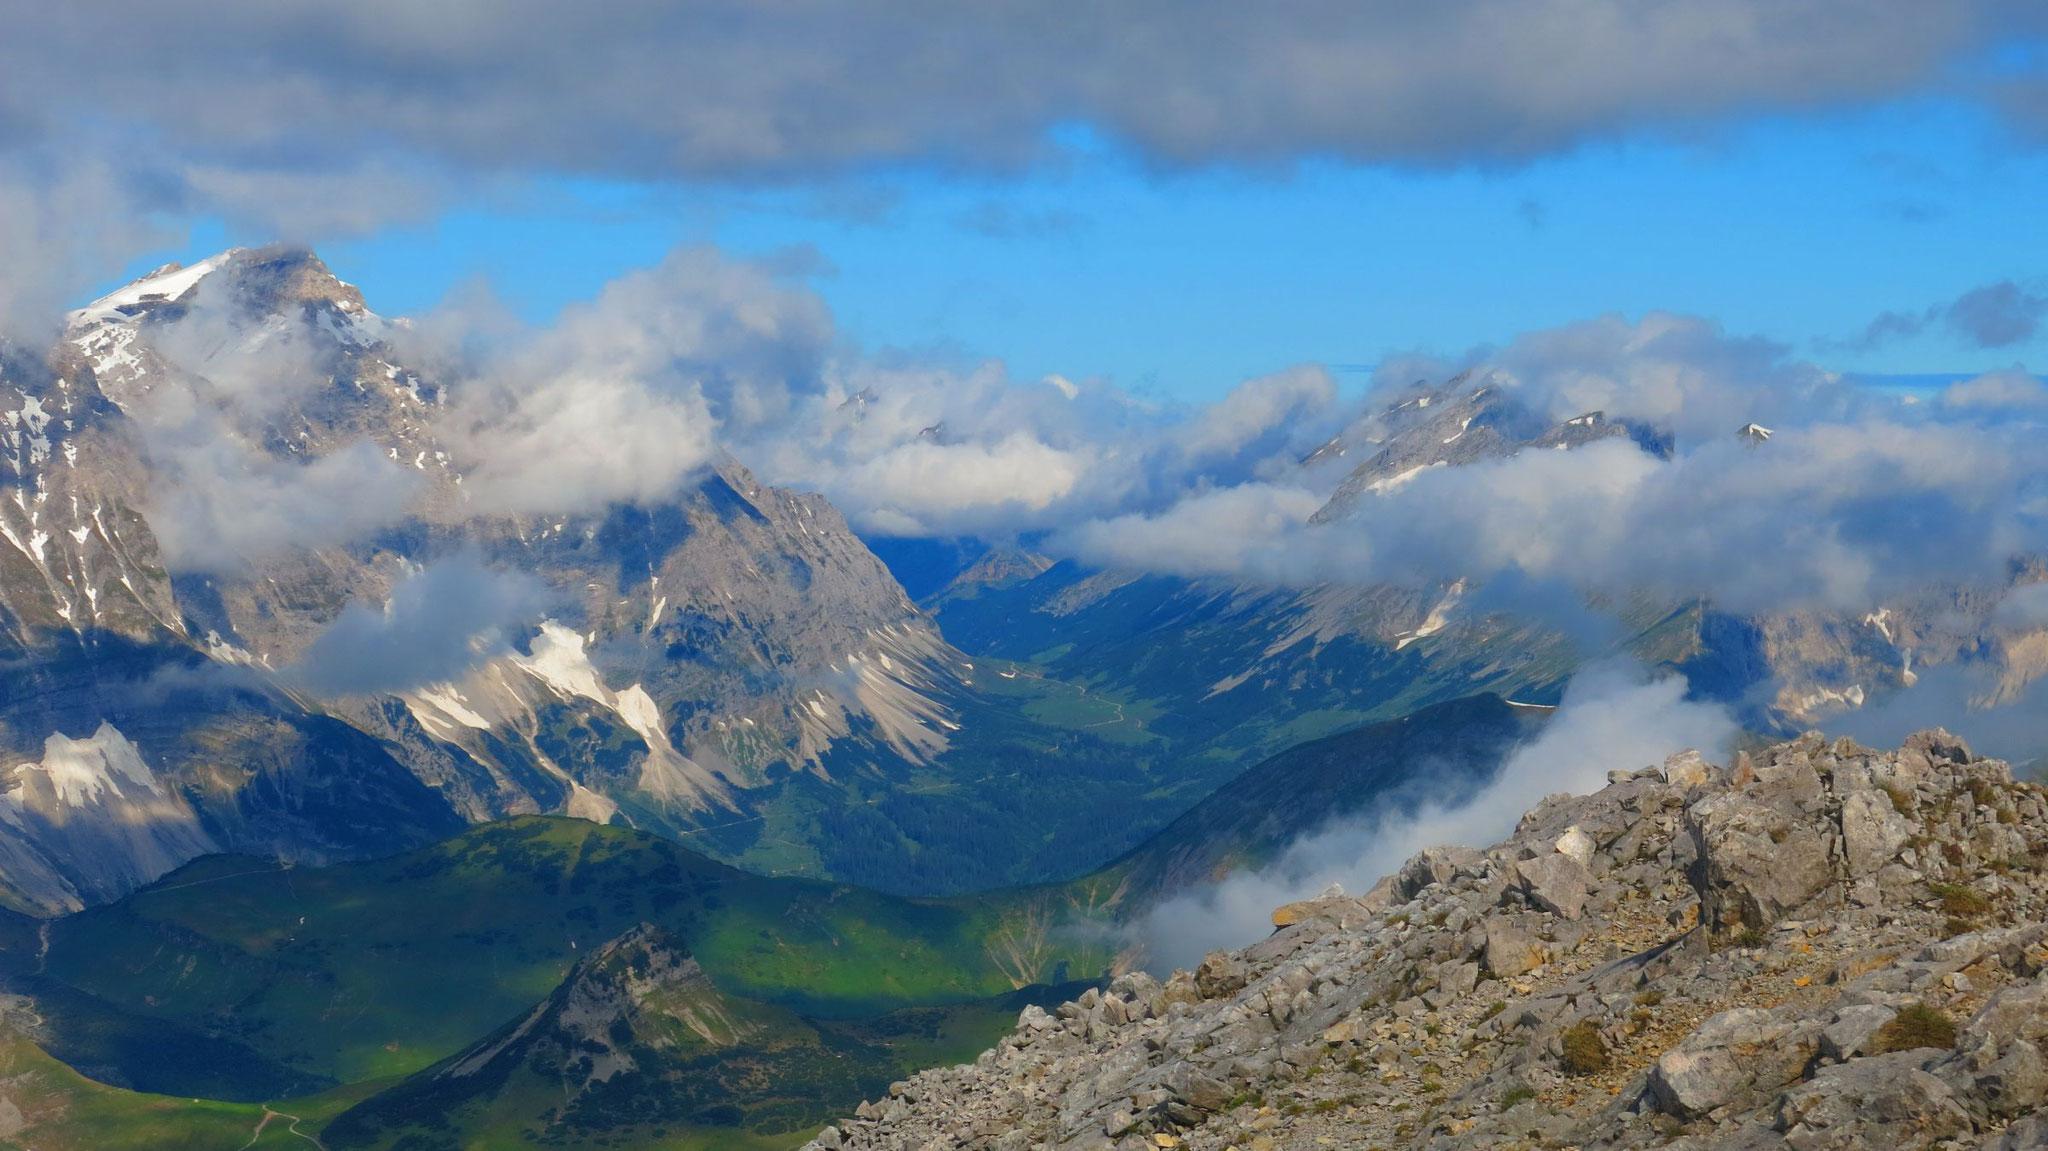 Richtung Hochalmsattel und Nördliche Karwendelkette